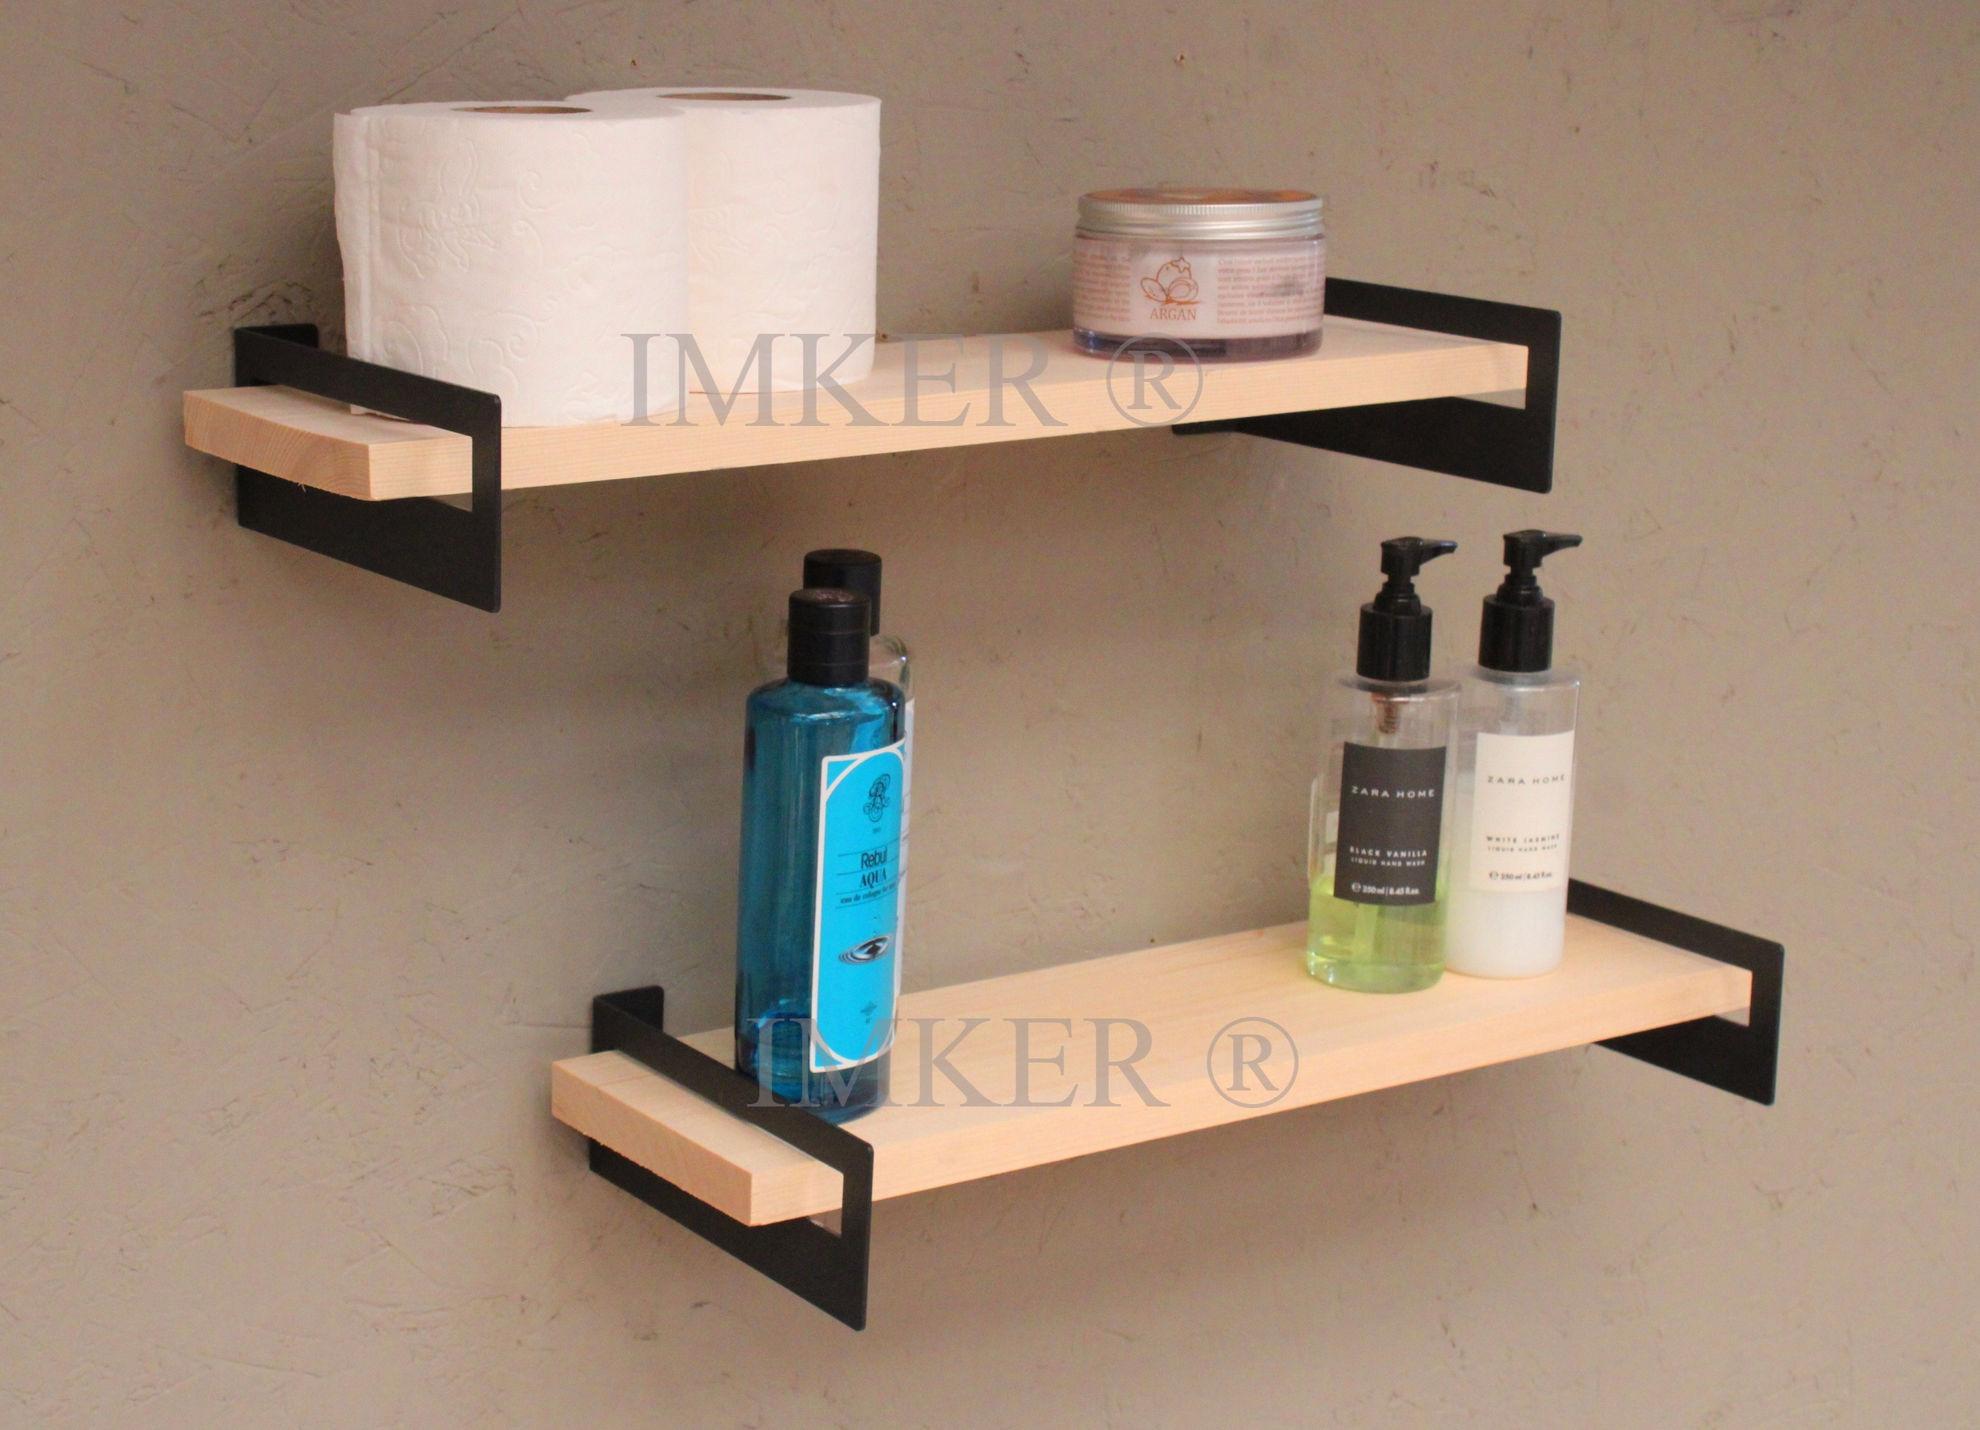 Imker metal ayaklı masif ahşap banyo duvar rafı seti düzenleyici organizer terek 2li 50cm 5334441 resmi